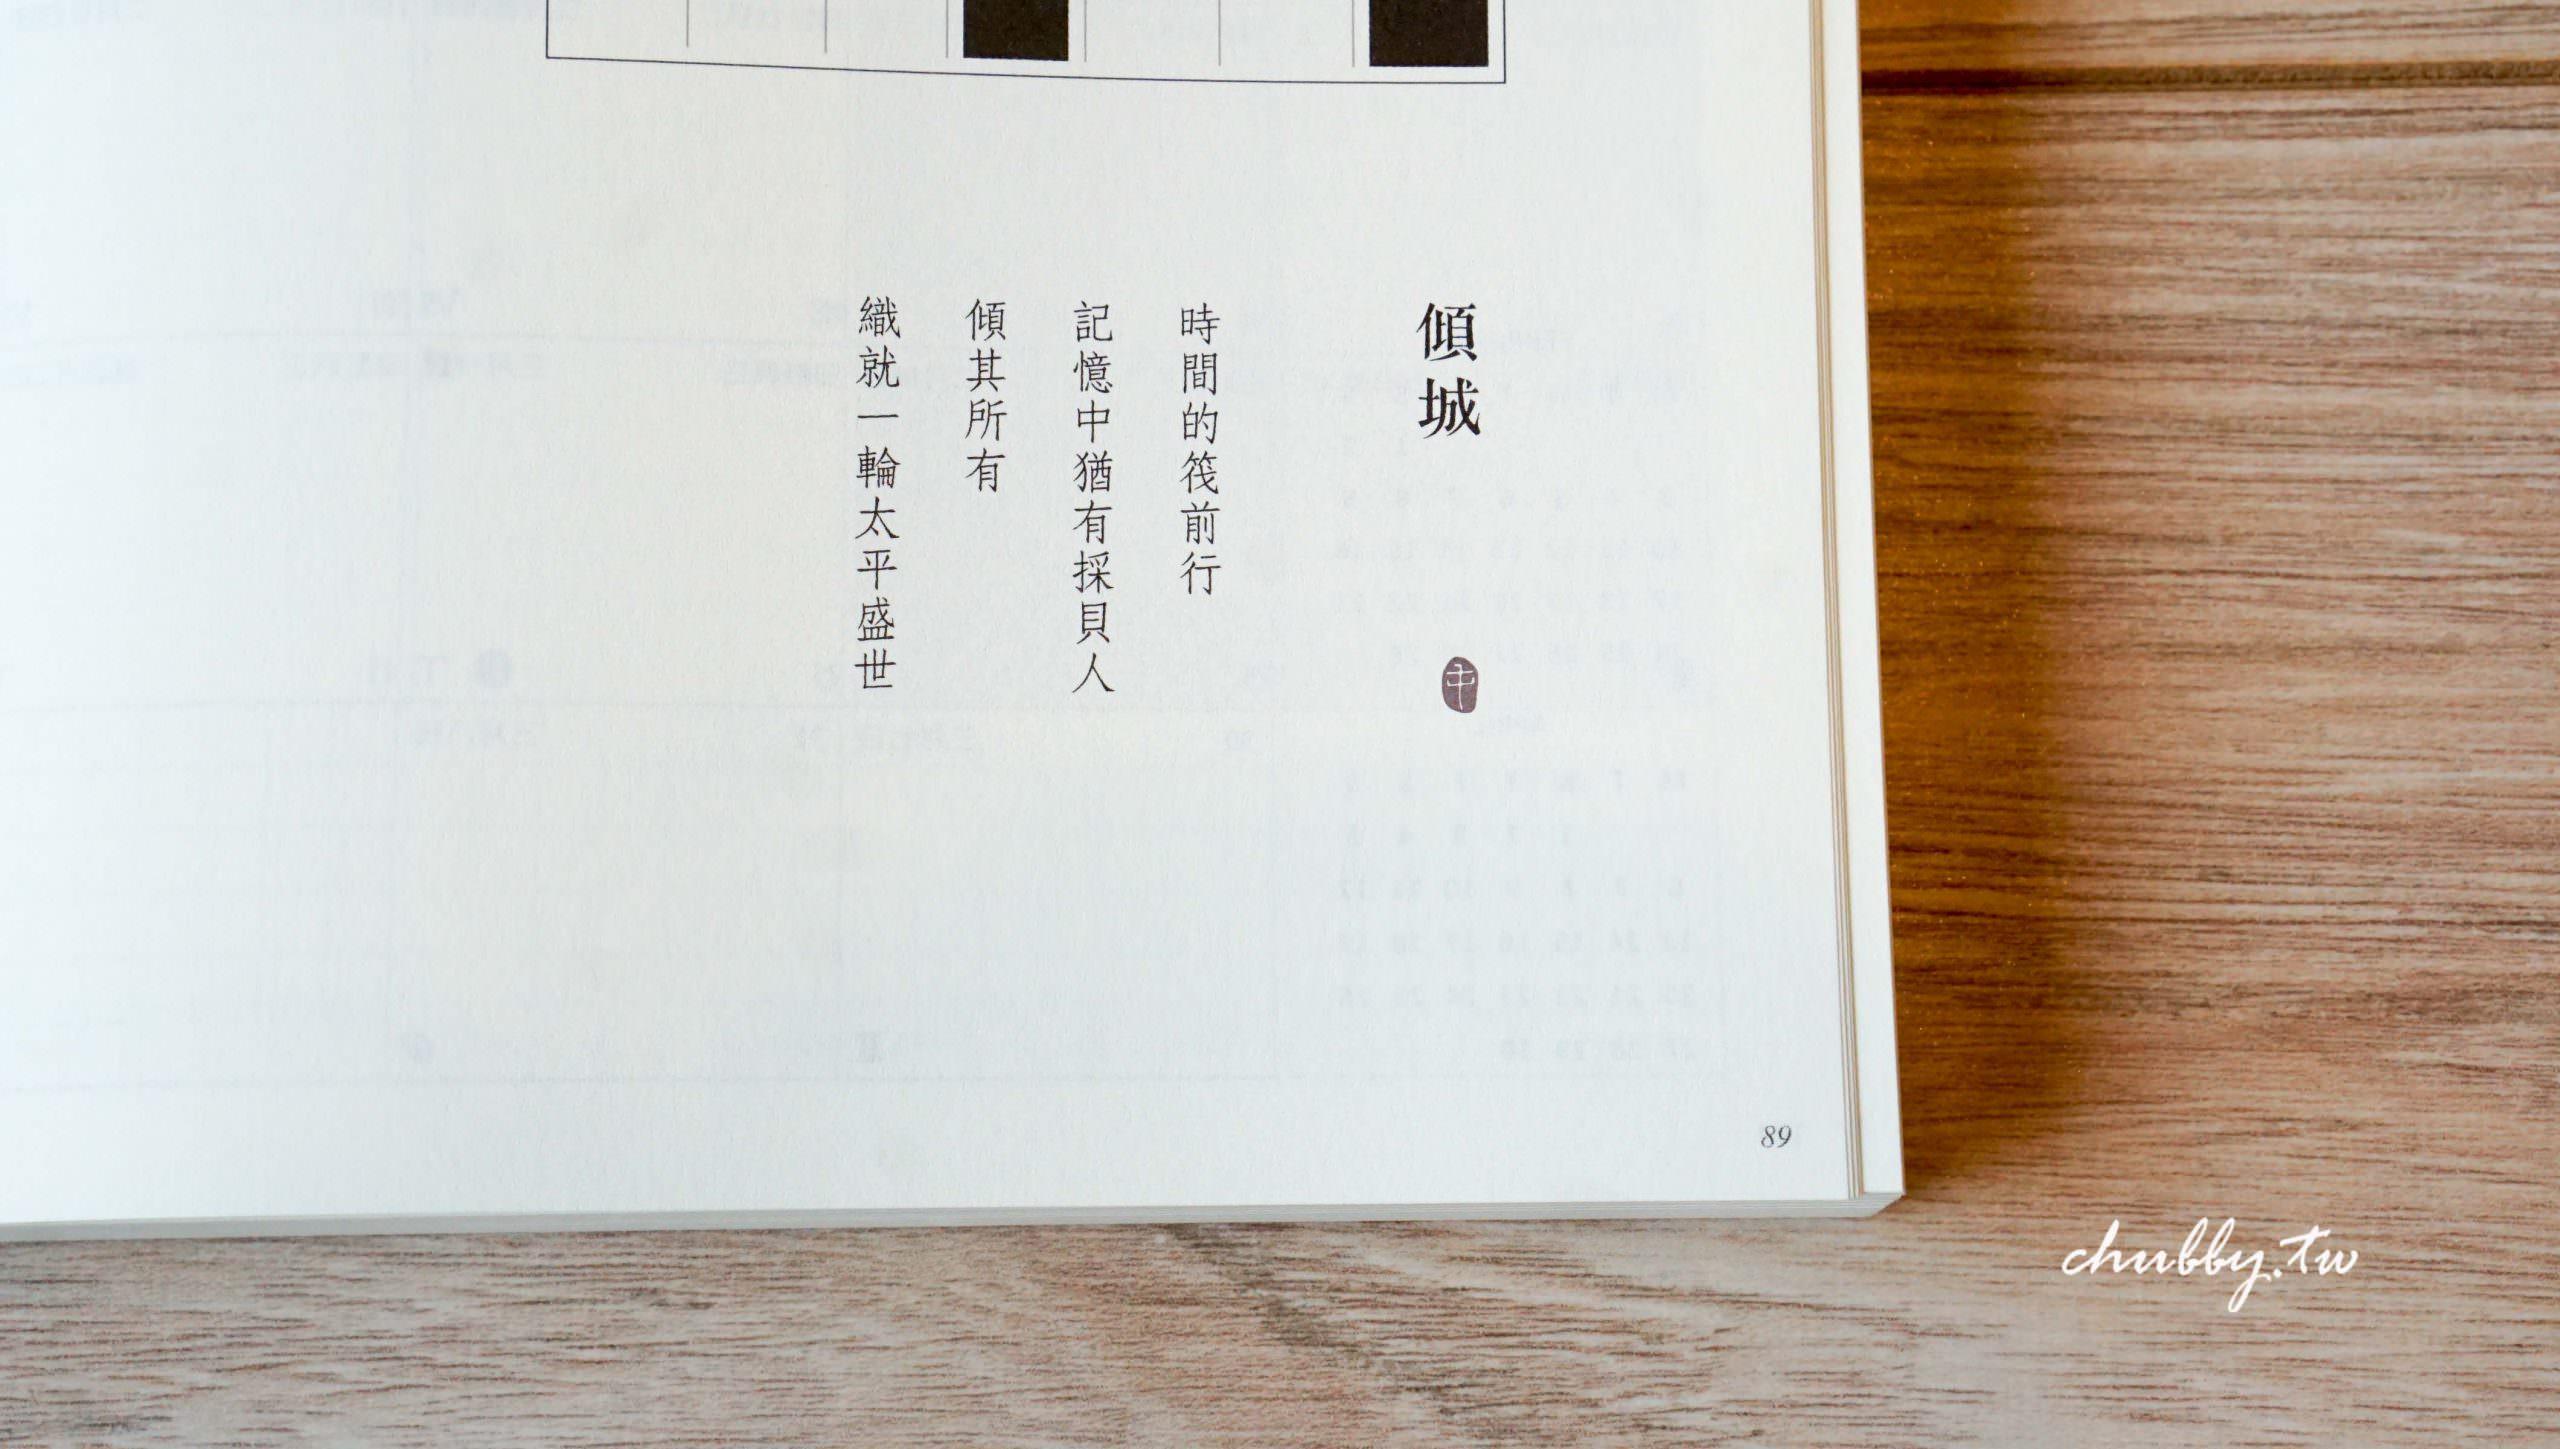 2020手帳 開箱│傾城+芸香集+龍柏光中梳│fleurir lab開花生活實驗室